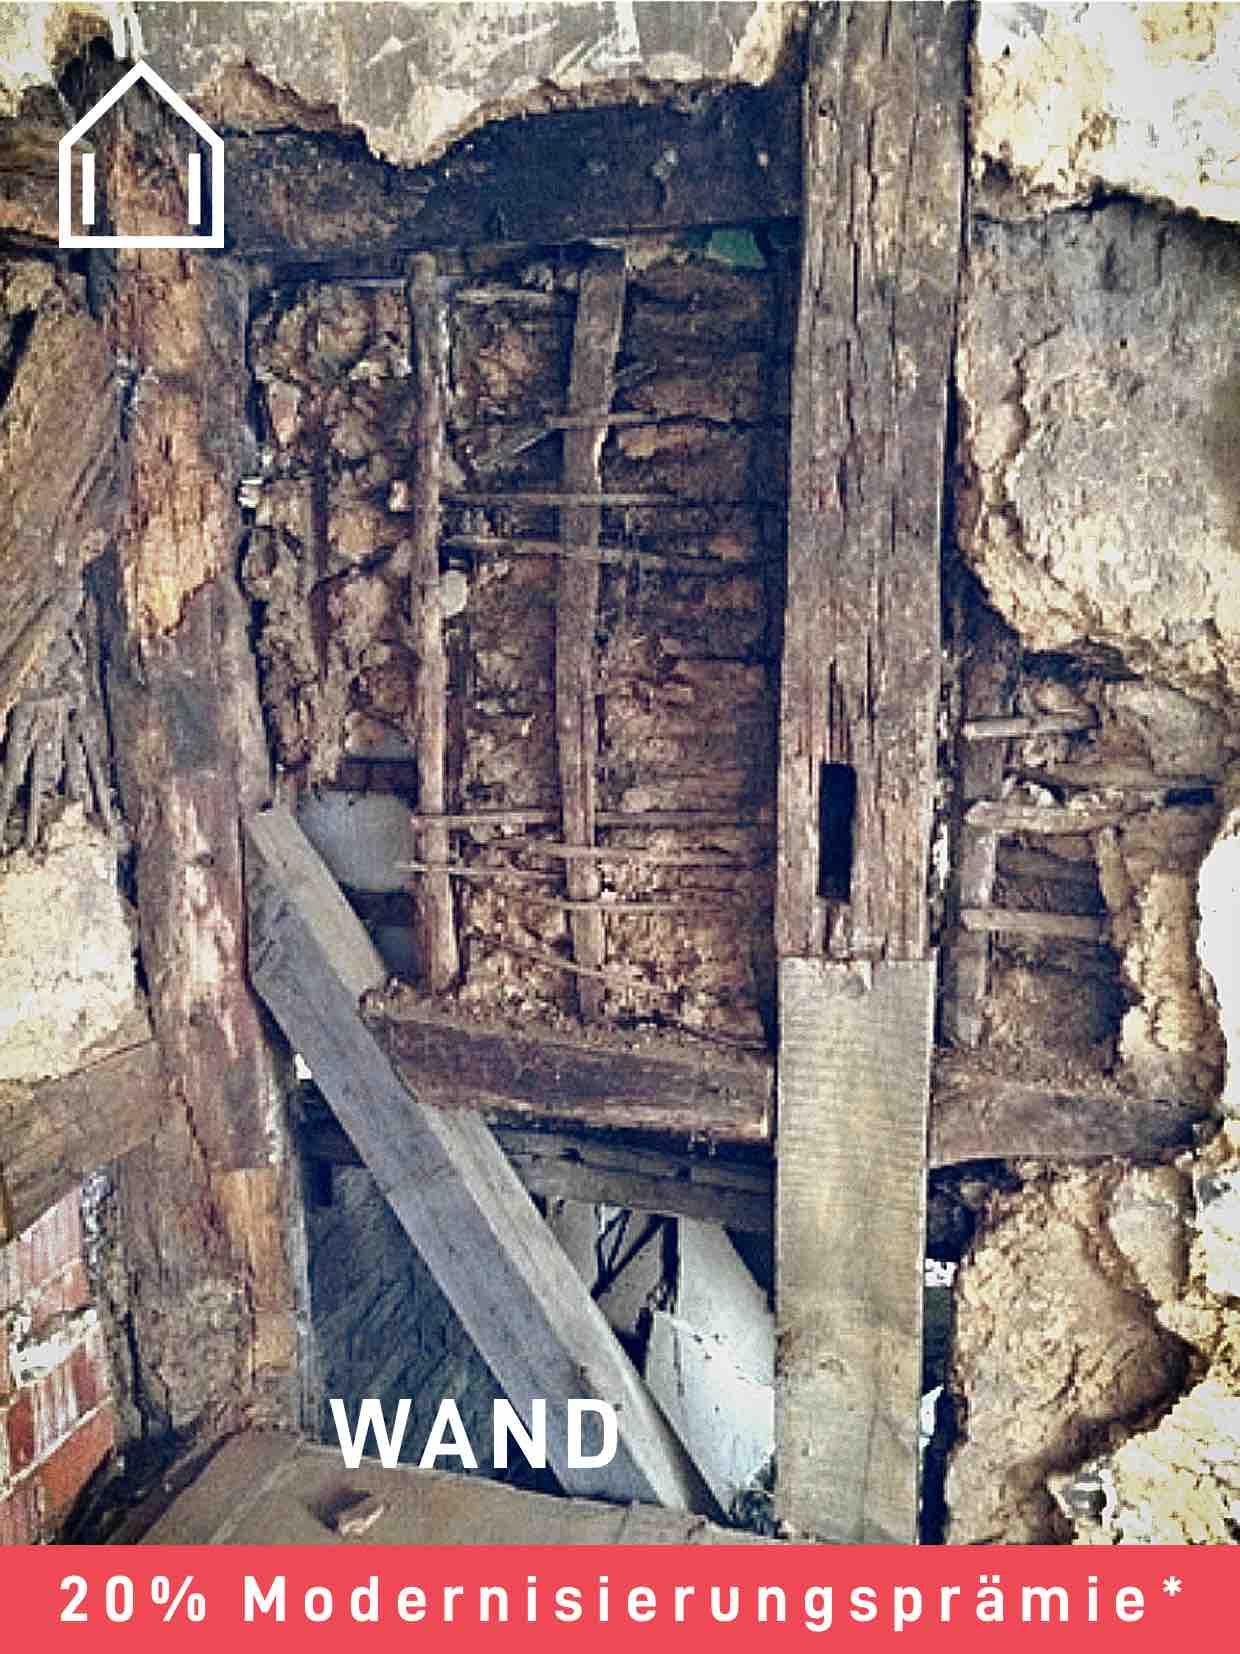 Wand 20